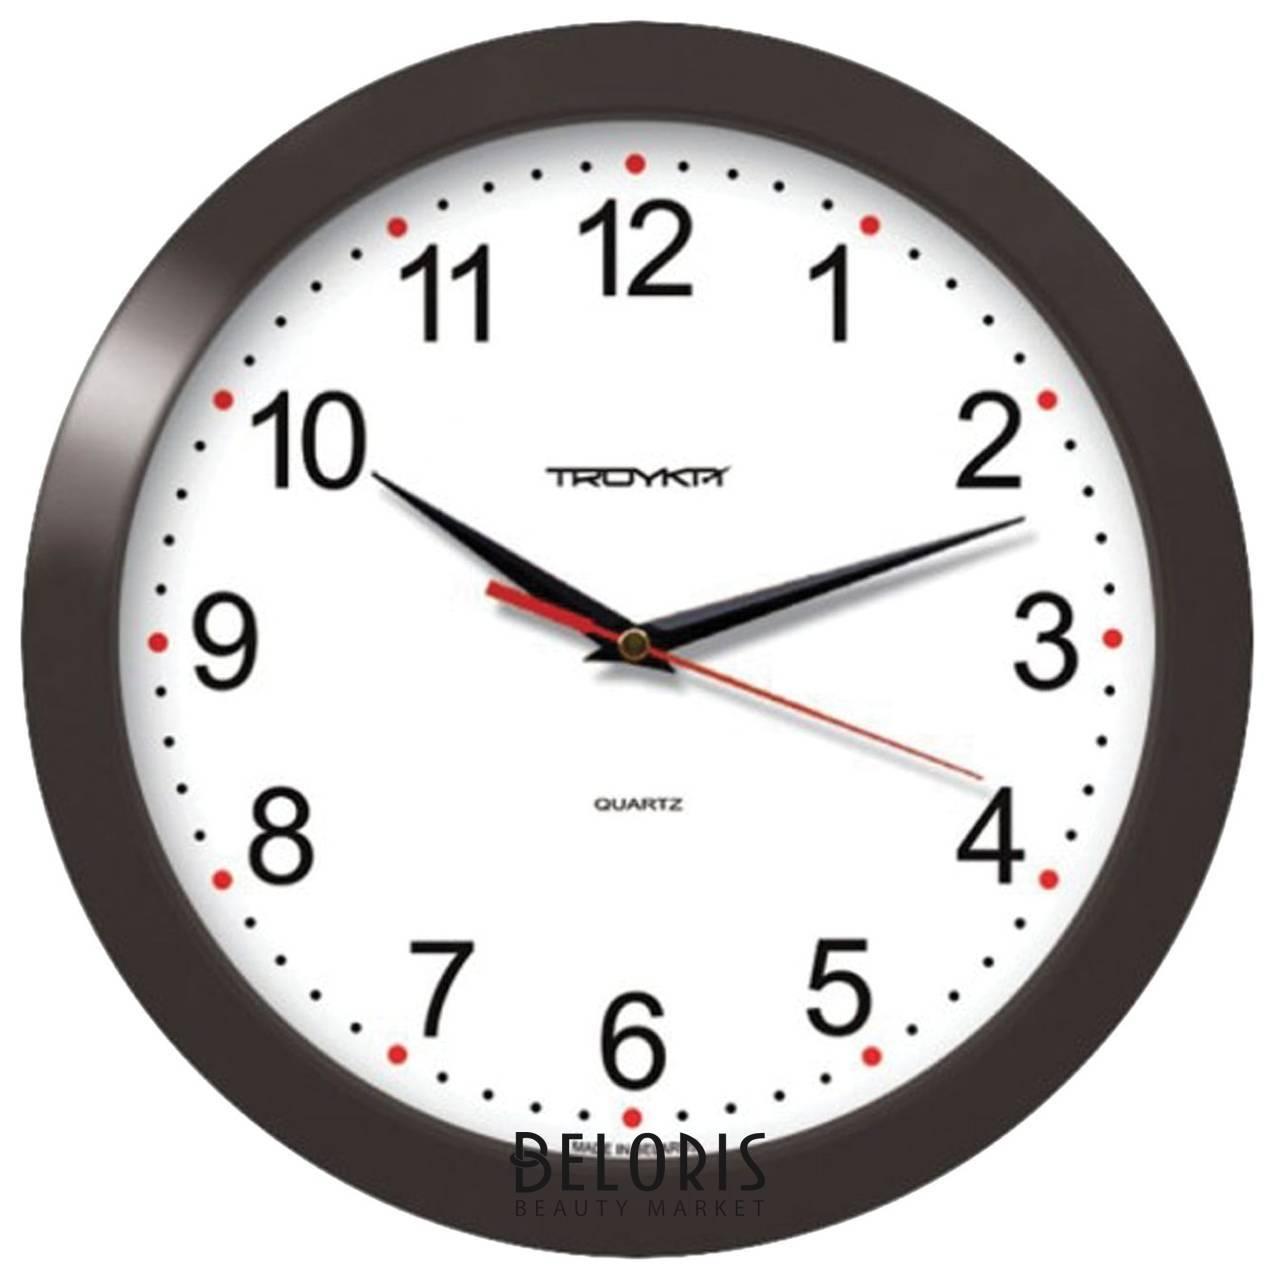 Часы настенные TROYKA 11100112, круг, белые, черная рамка, 29х29х3,5 см Troyka